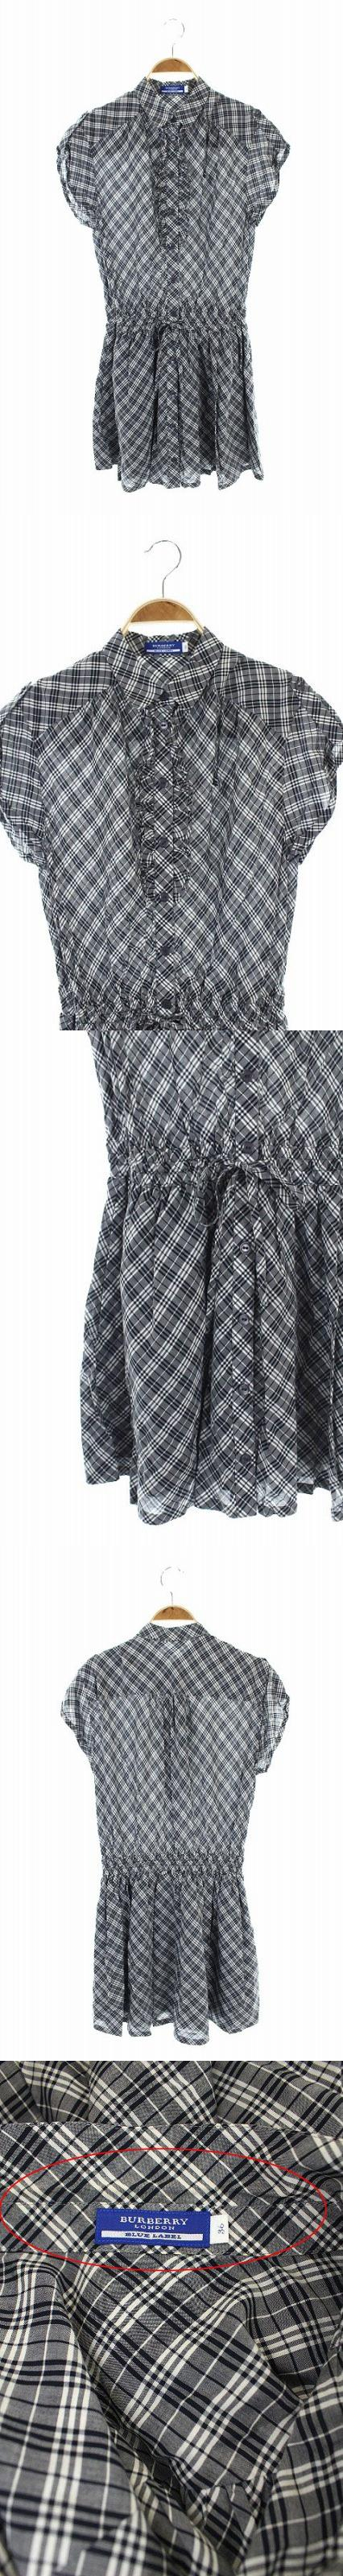 ワンピース シャツ 半袖 ギャザー ミニ チェック フリル 36 紺 白 /AA ■OS